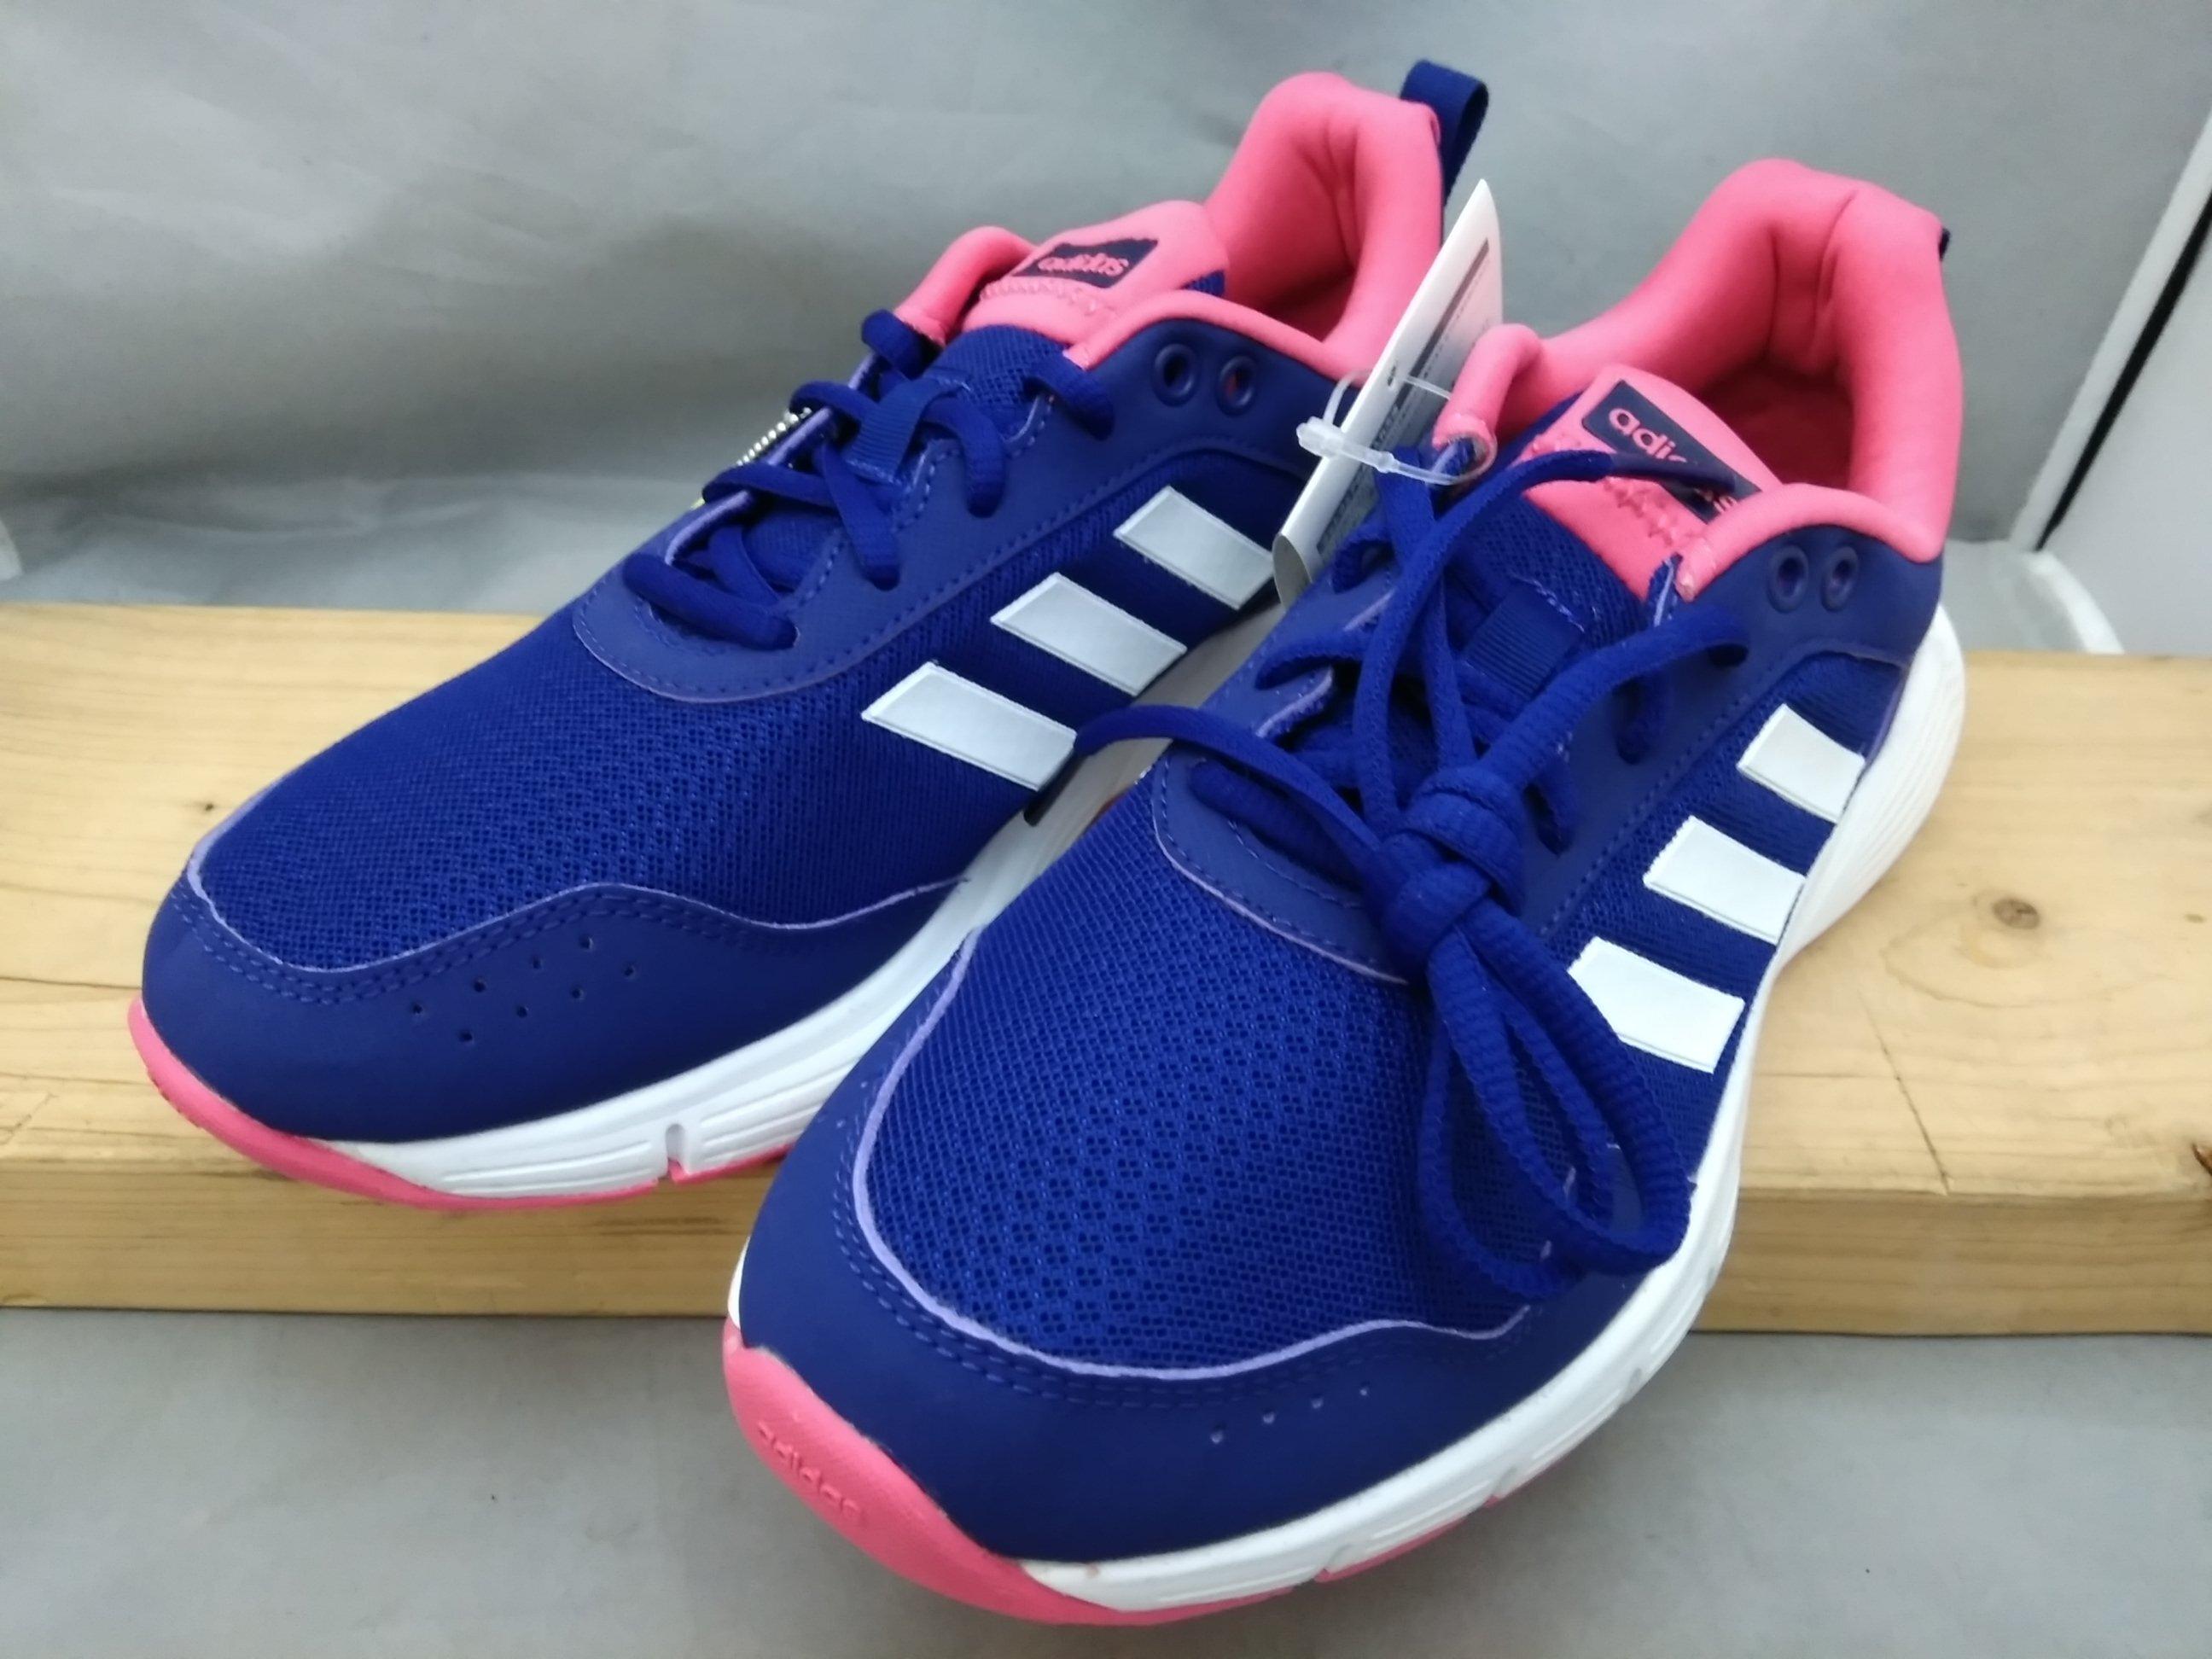 adidas アディダス シューズ 靴 23cm CG3859 青 mu977c